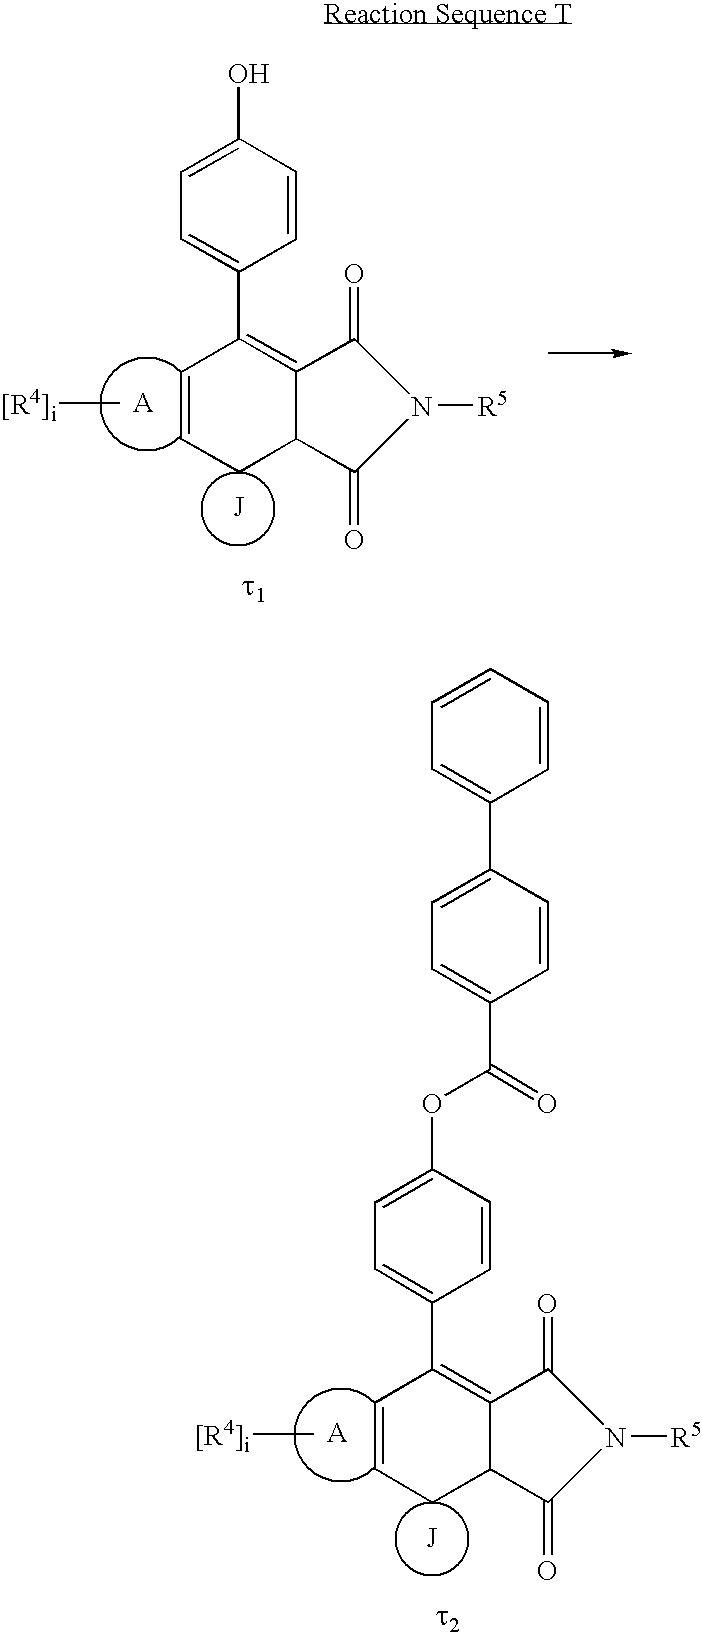 Figure US20070047055A1-20070301-C00037